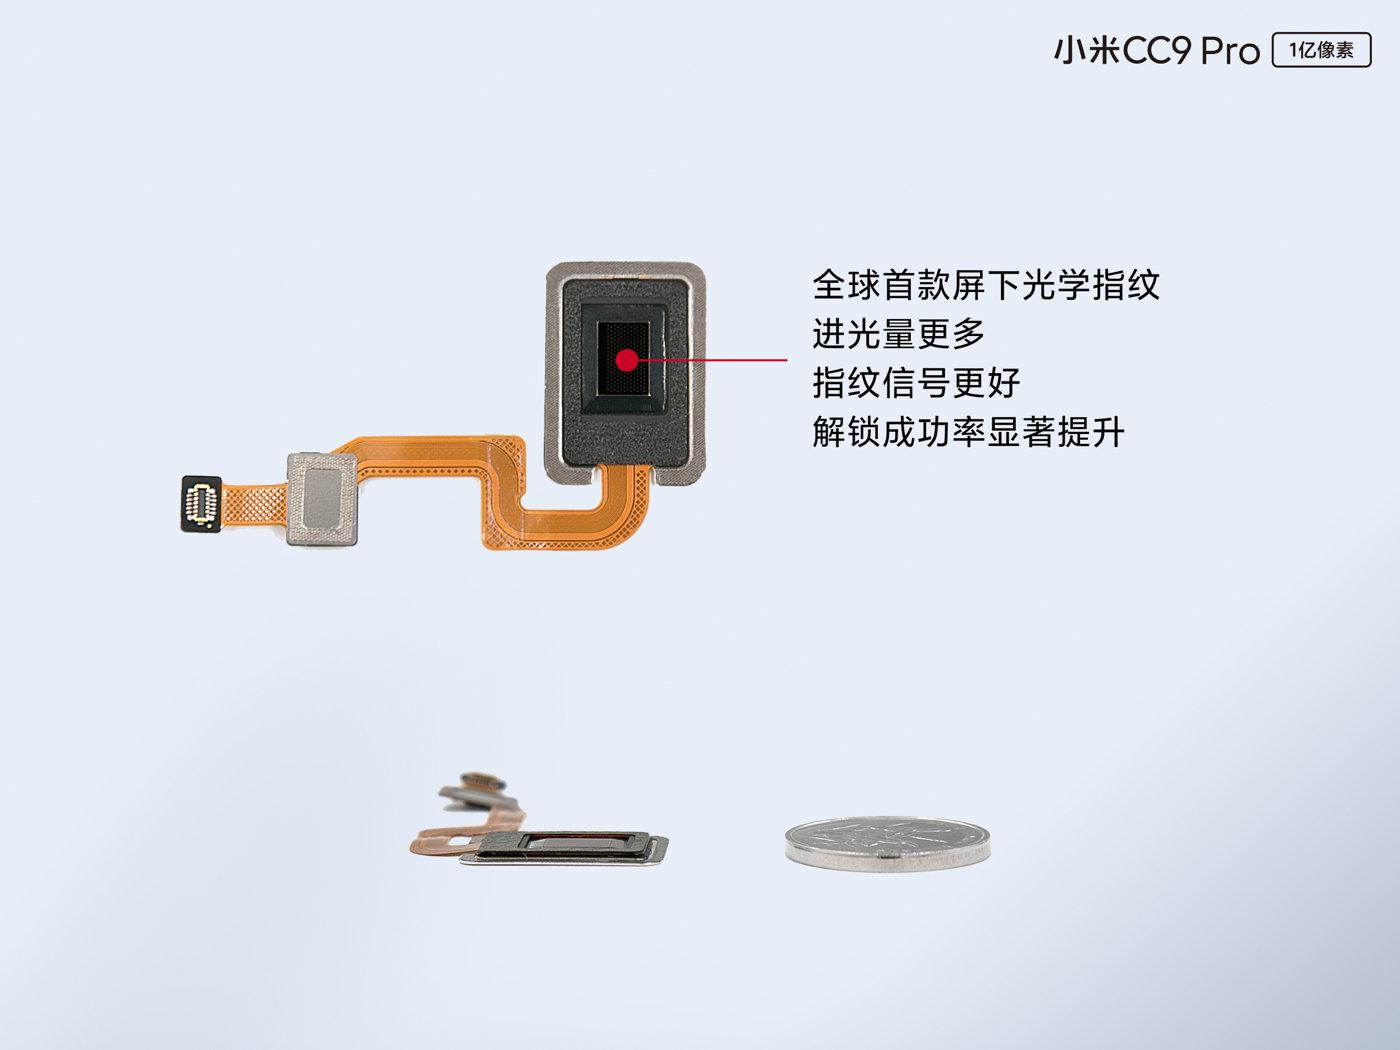 小米CC9 Pro官方拆解图赏:揭开一亿像素真容